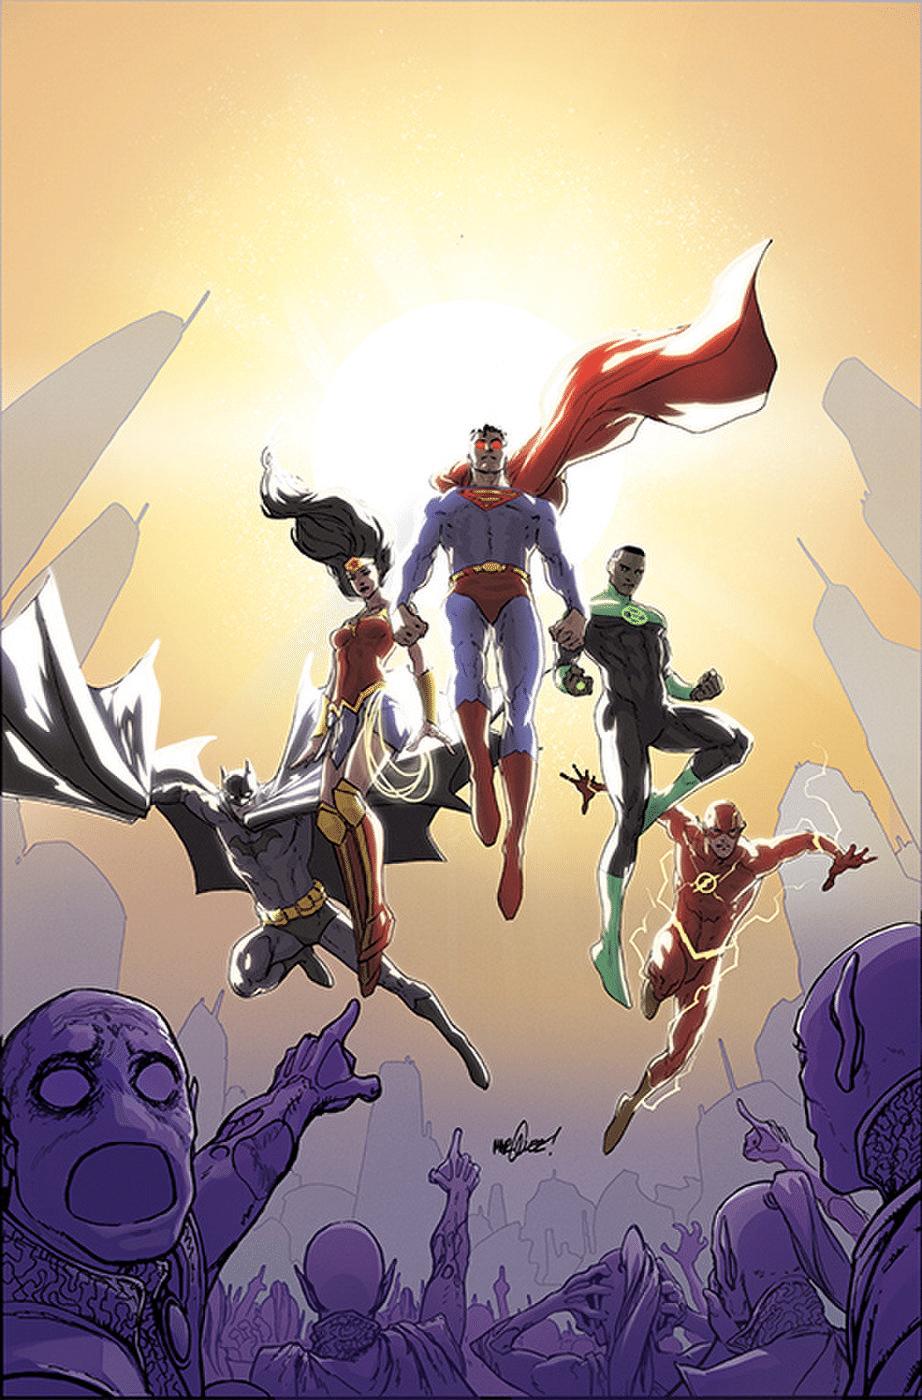 Justice League et Shazam! changent de scénariste 1